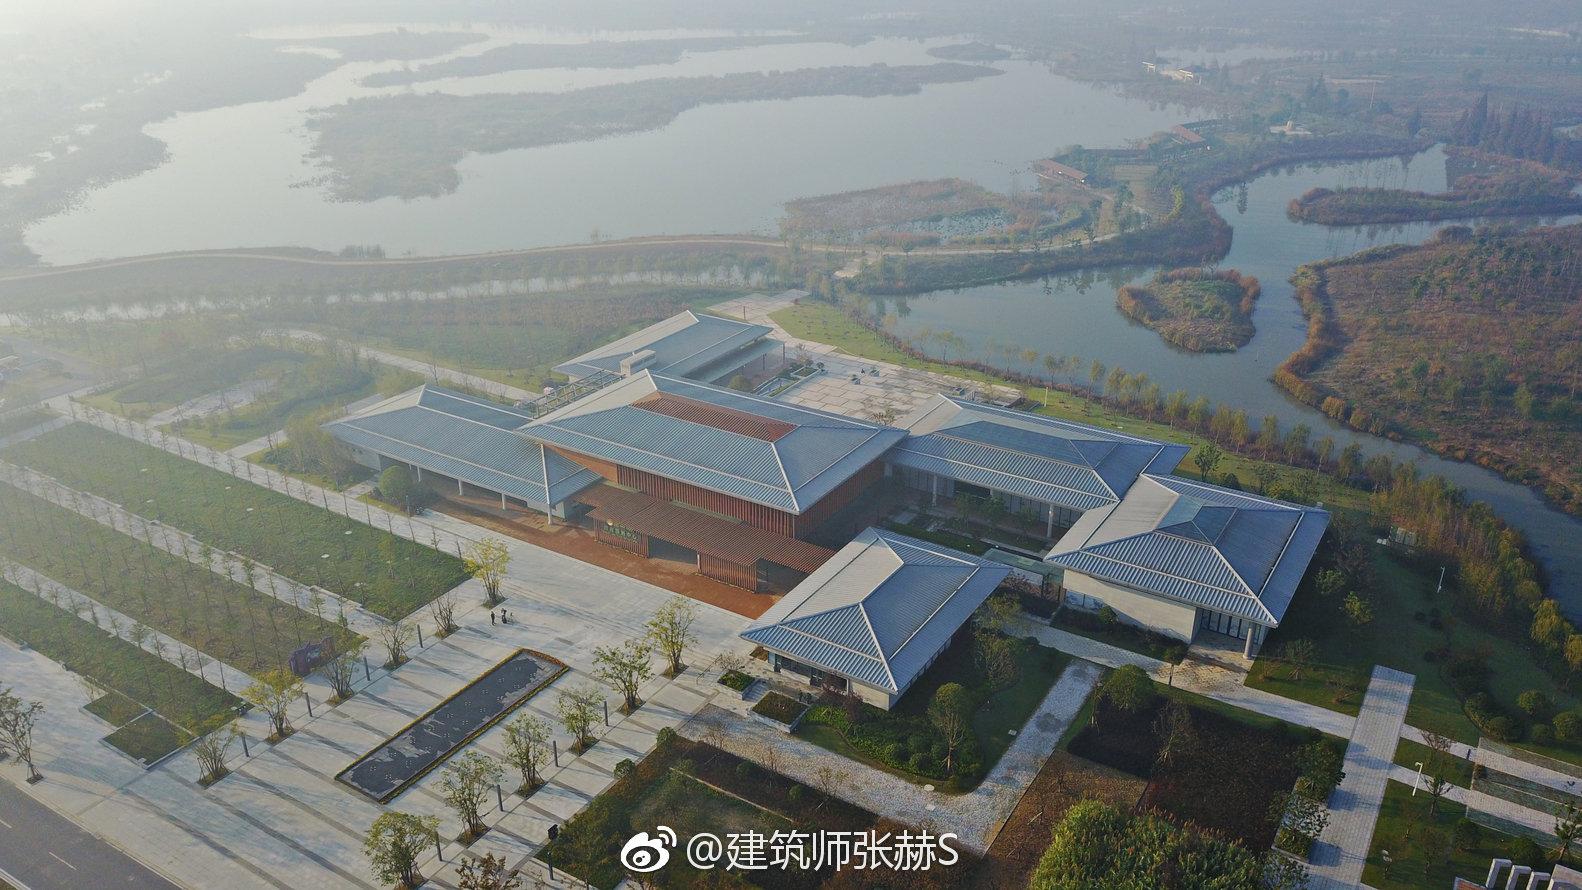 山湖美学服务中心北京清尚建筑设计研究院服装设计游客图片